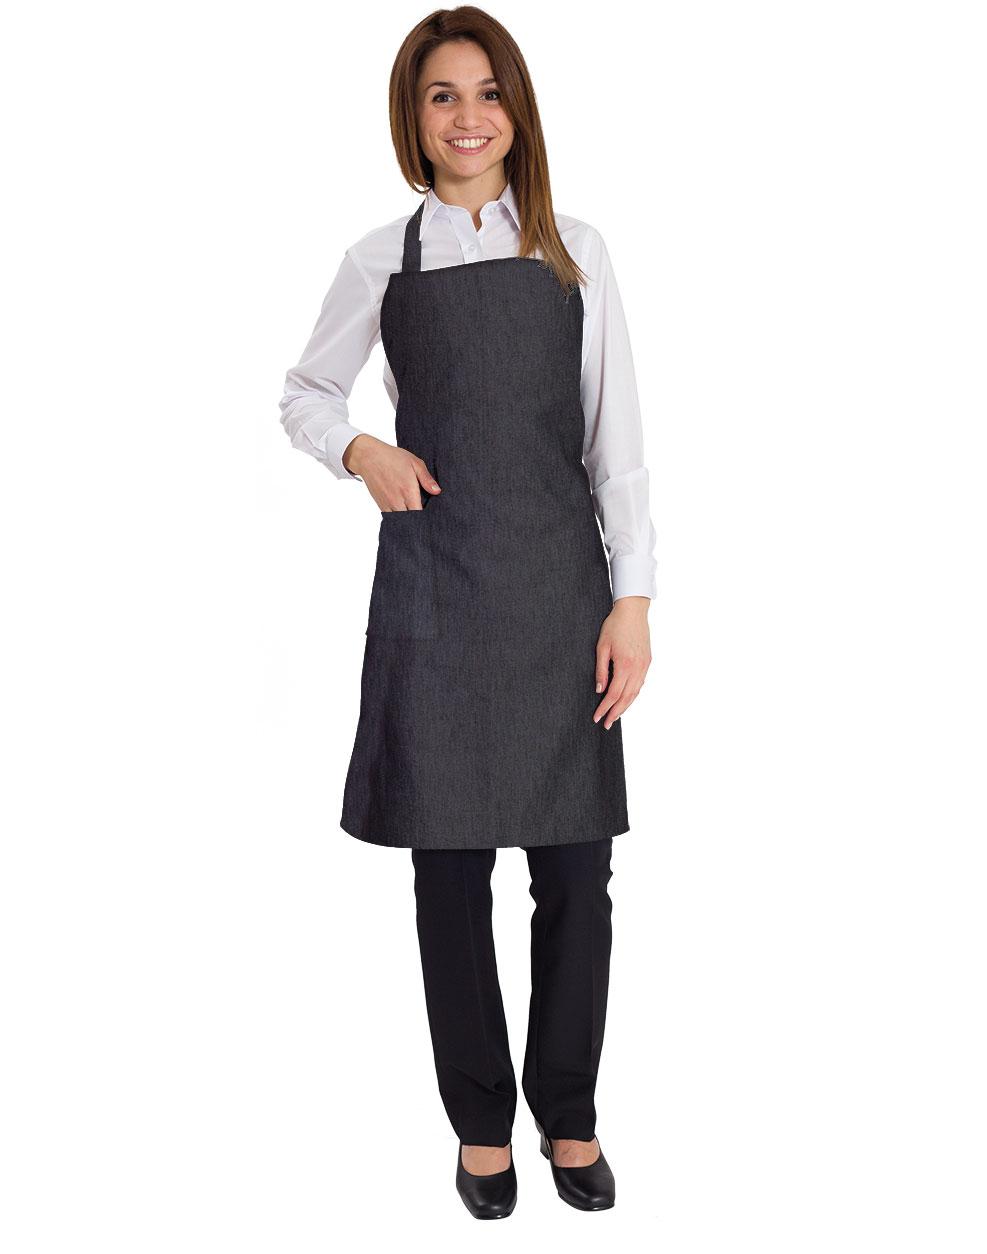 Colombo abbigliamento professionale